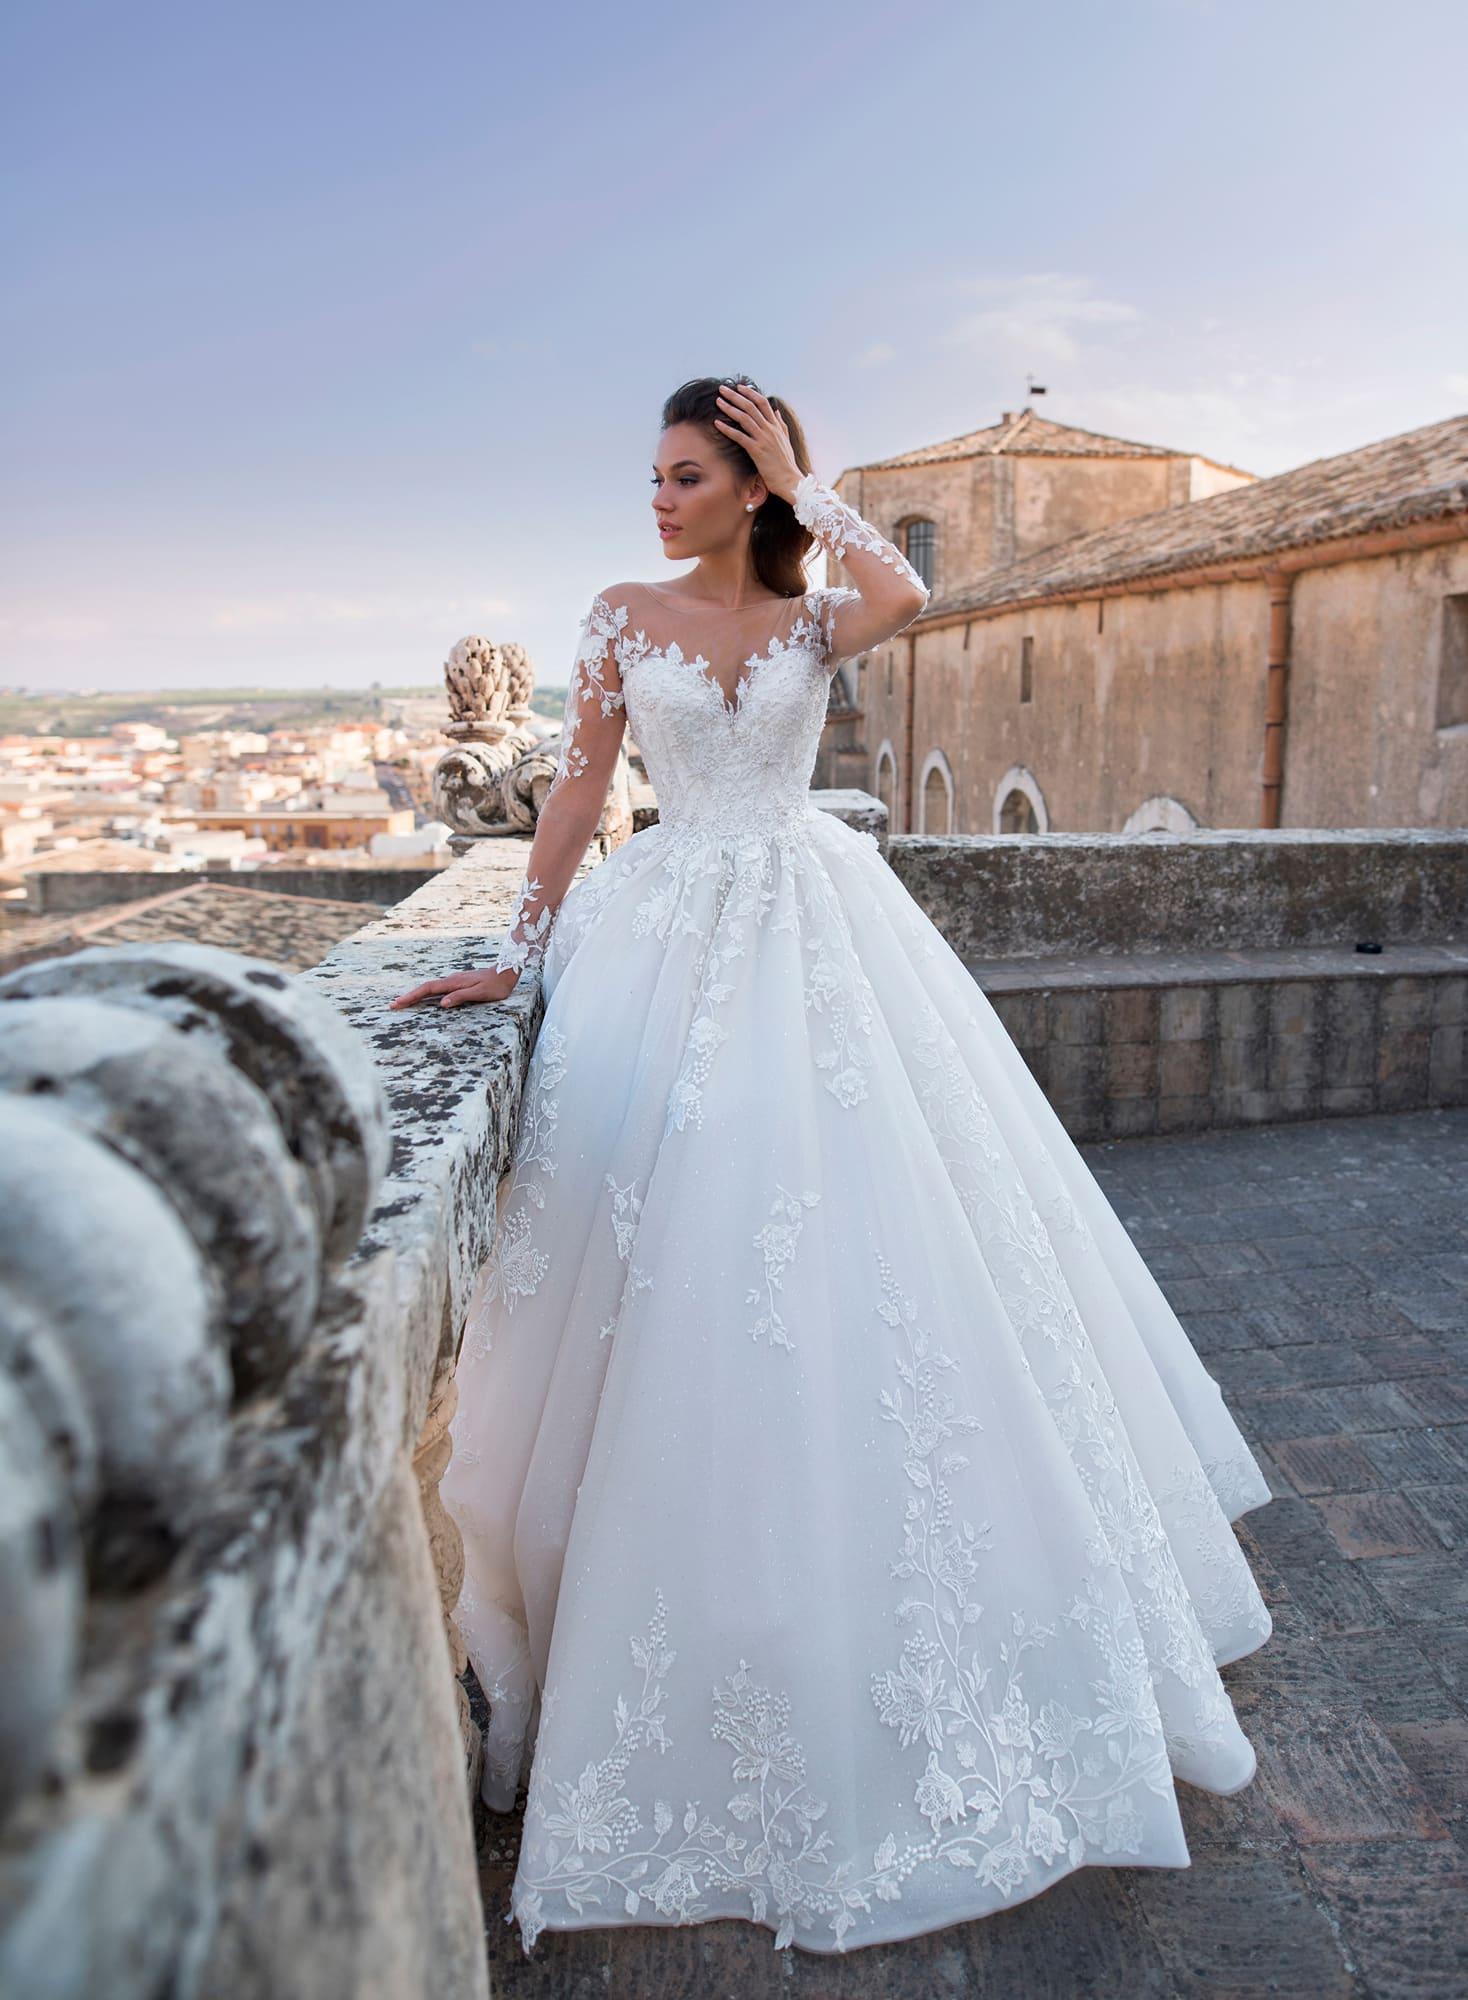 de9213c01c9 Свадебное платье Lussano Bridal Angelica 19039. Купить свадебное ...